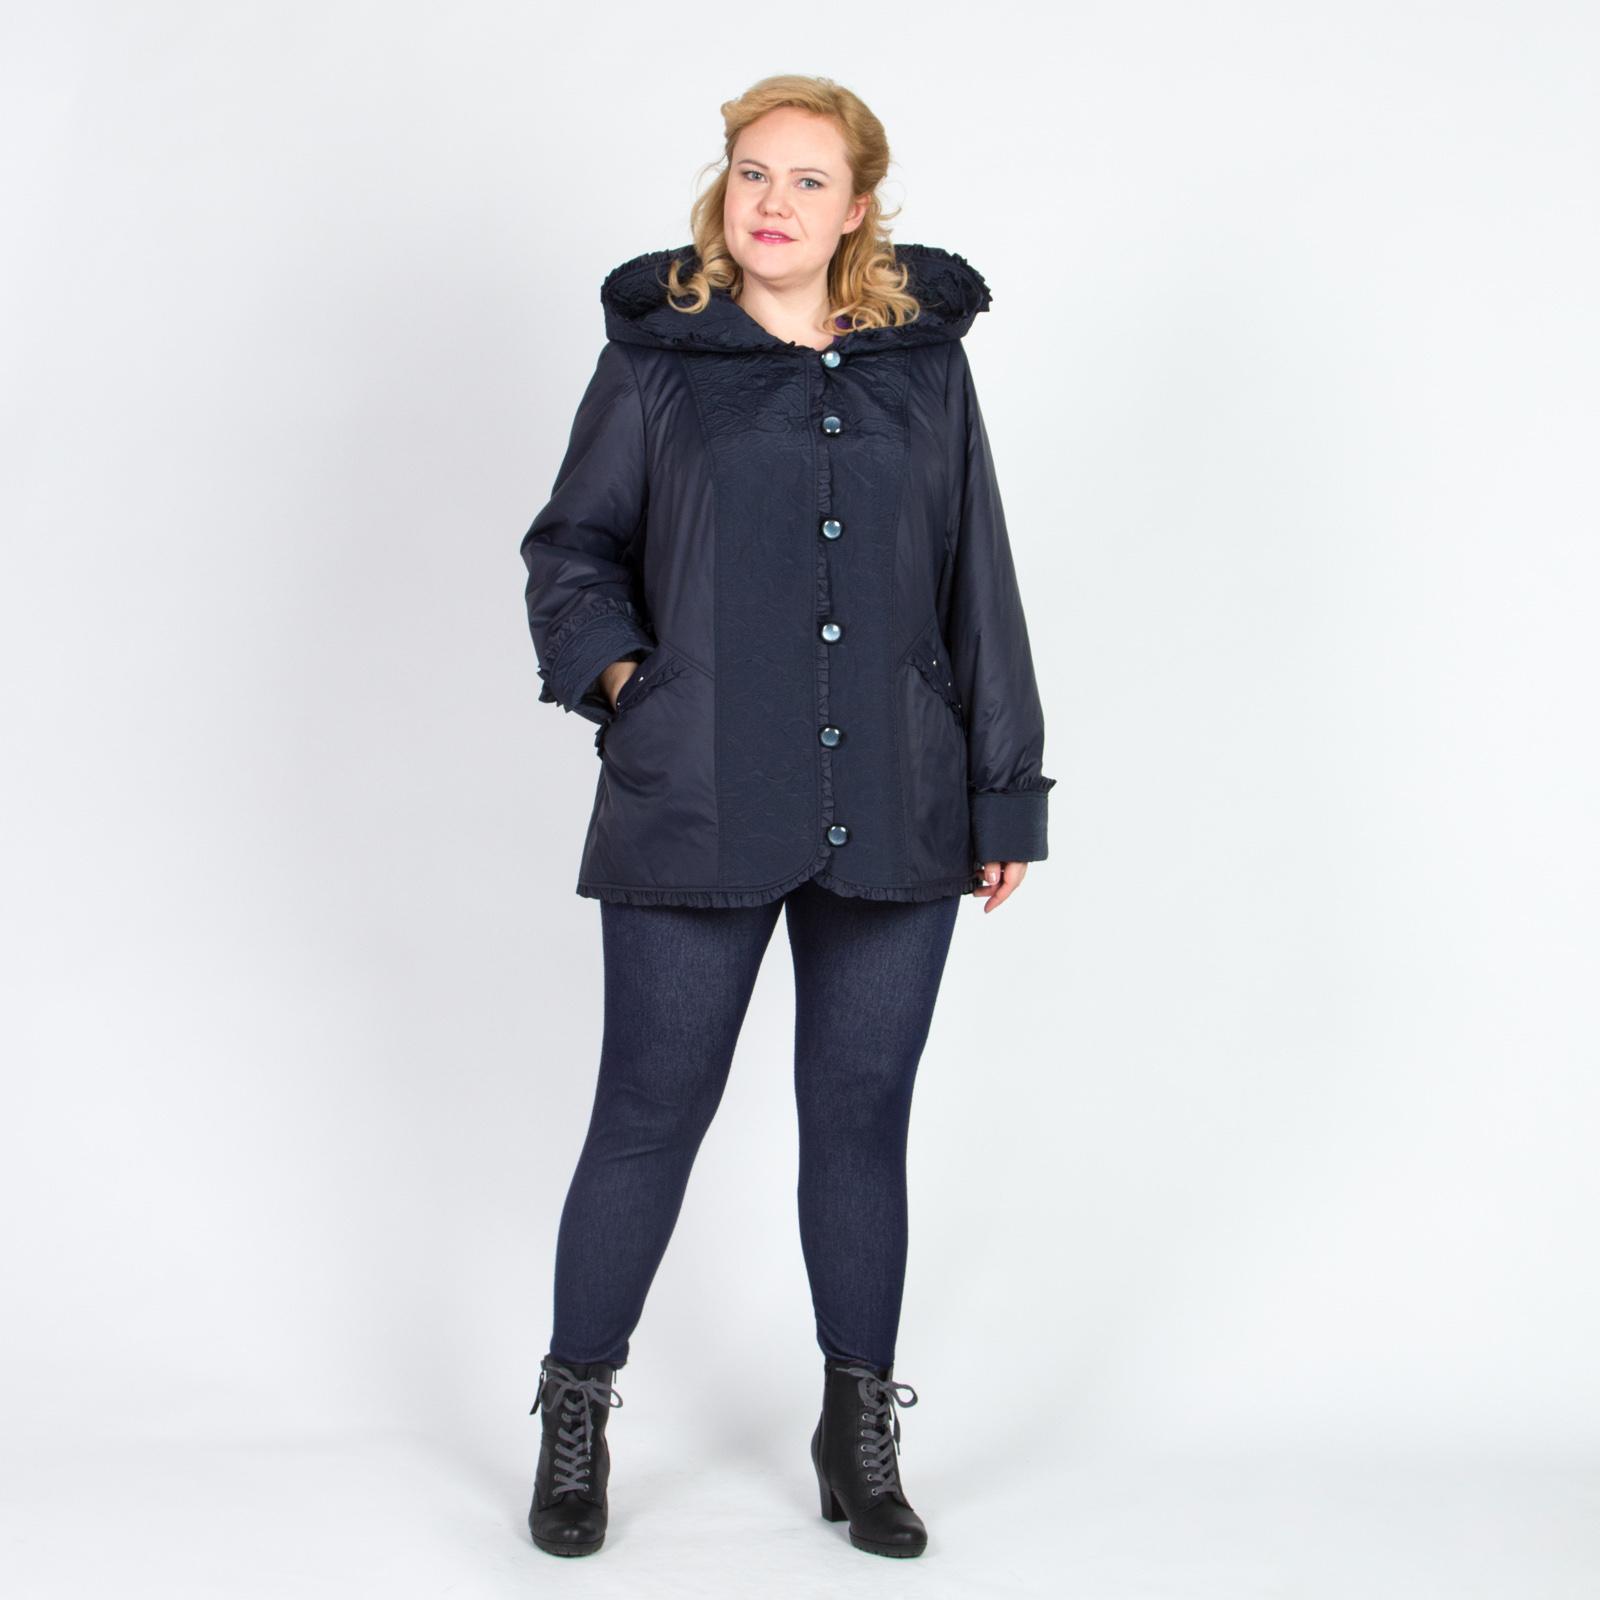 Куртка на пуговицах с отделкой и рюшами